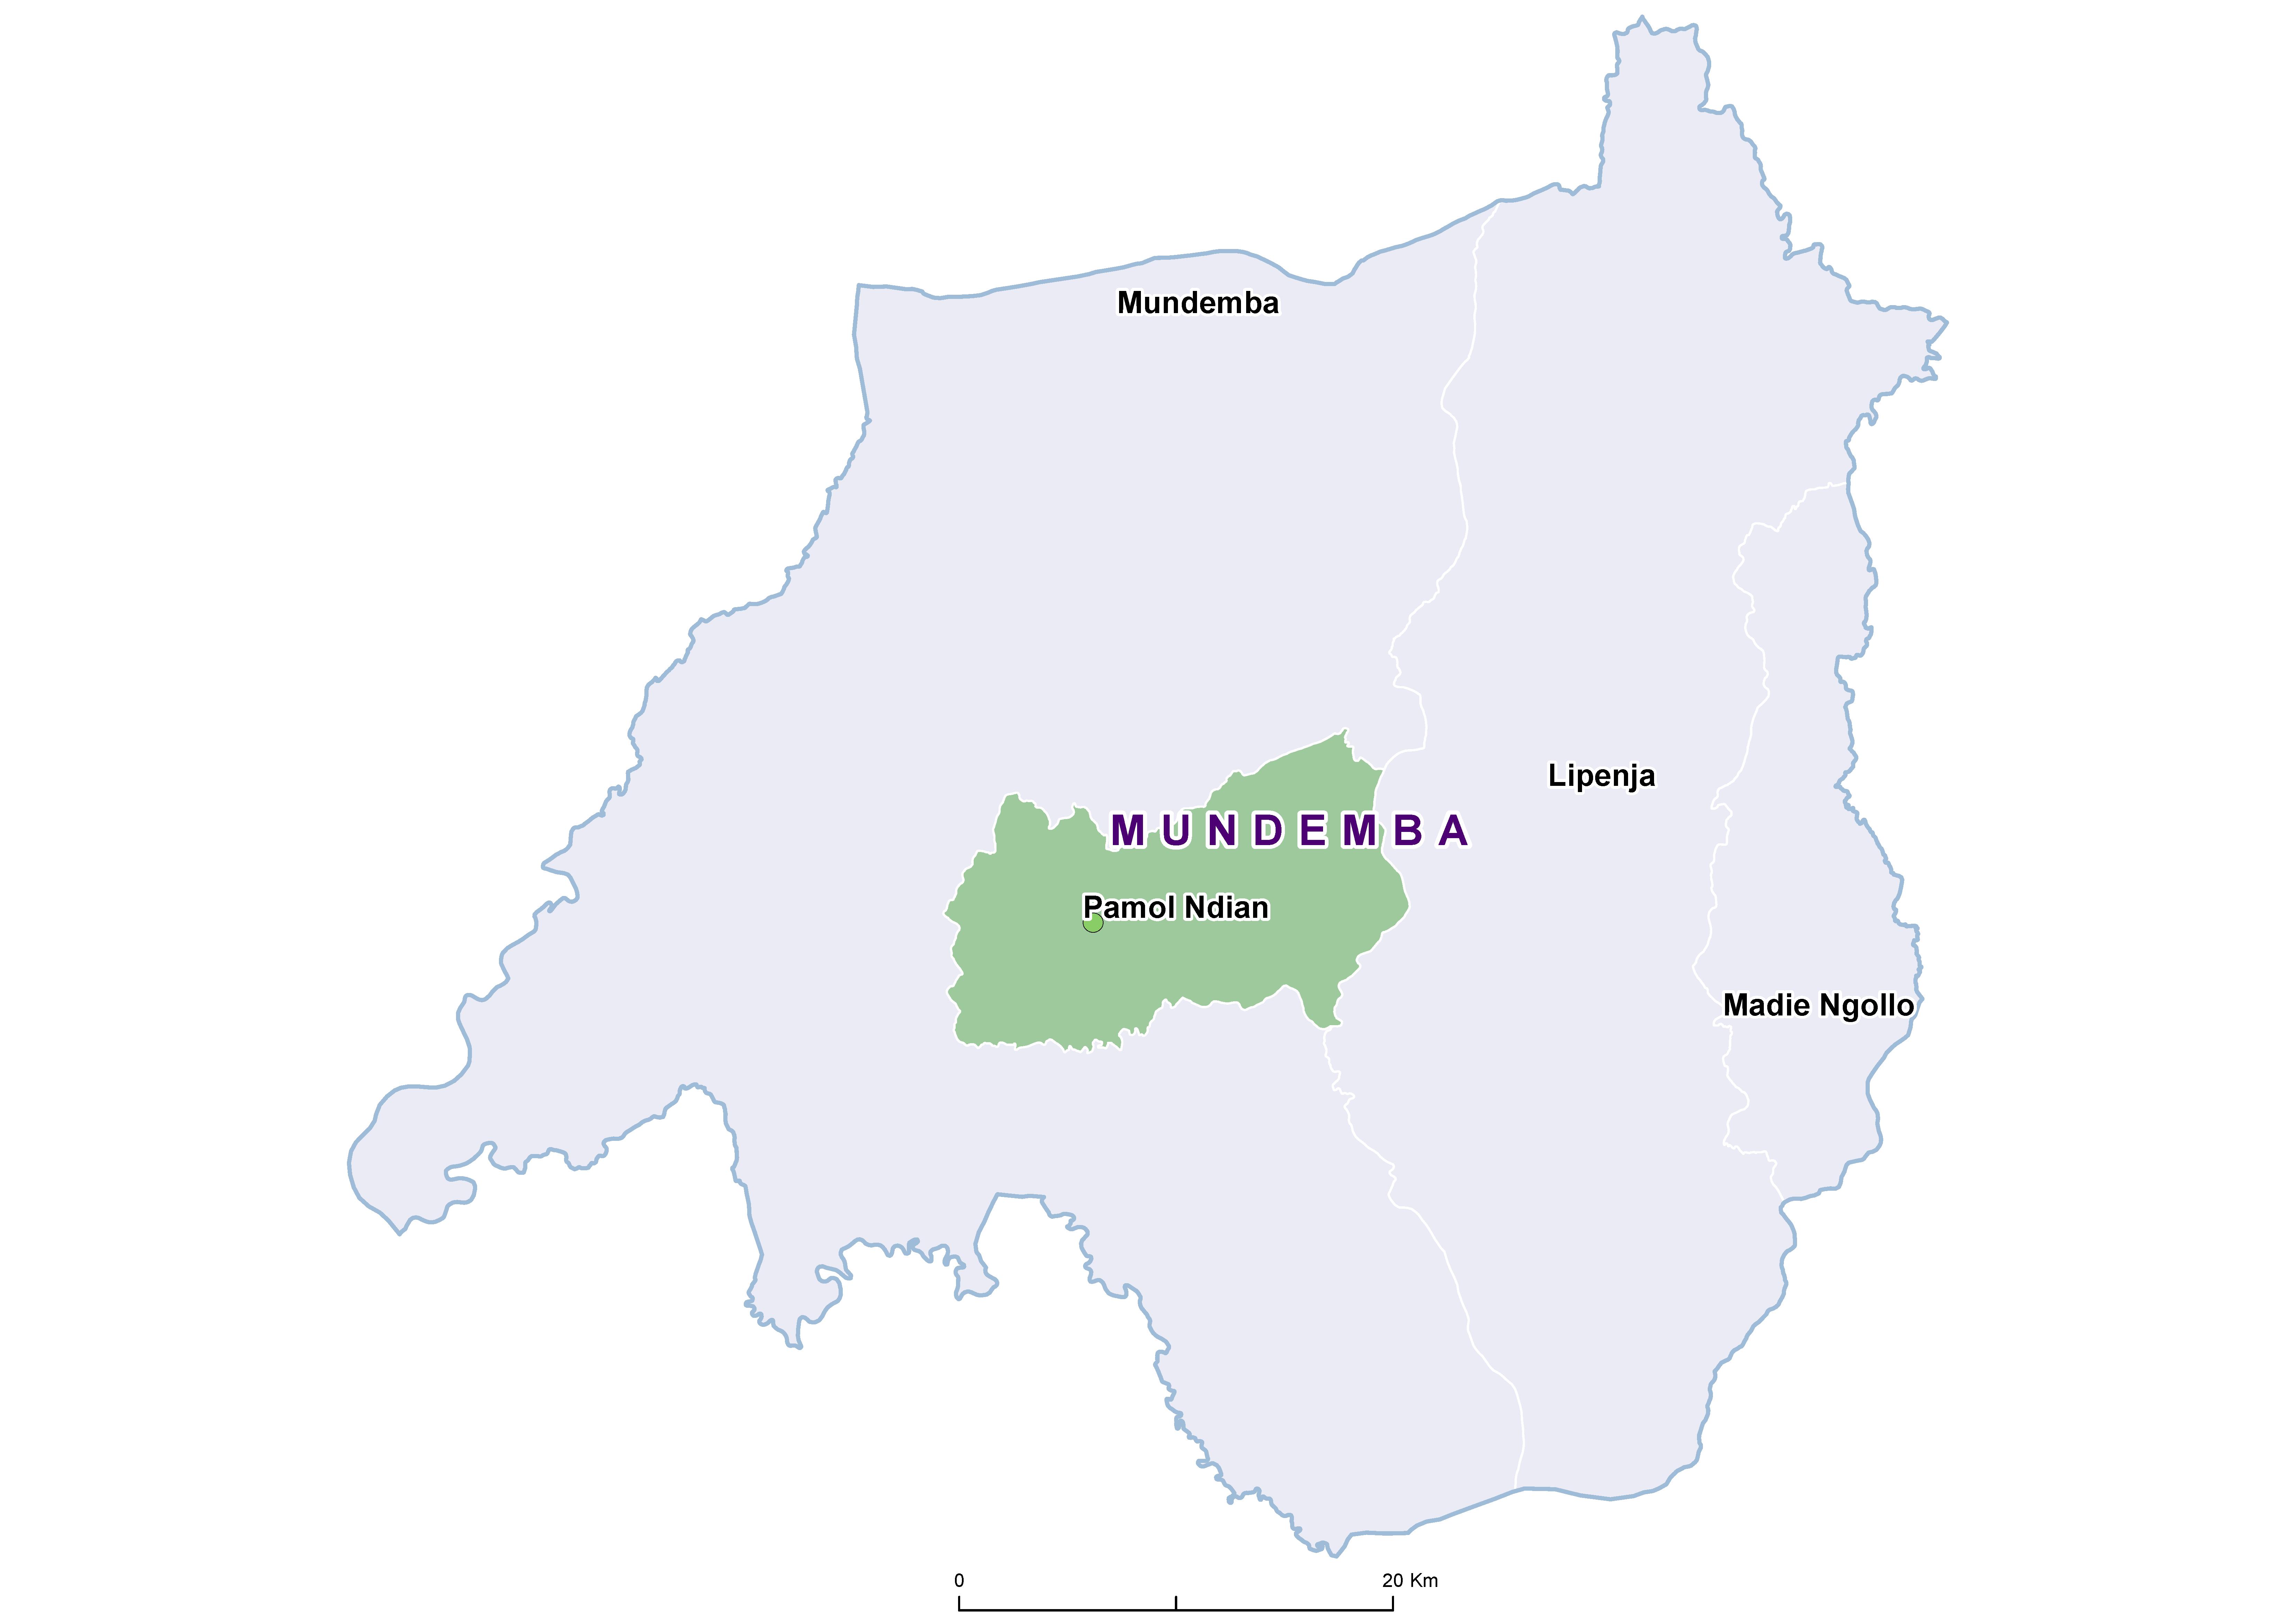 Mundemba SCH 20100001